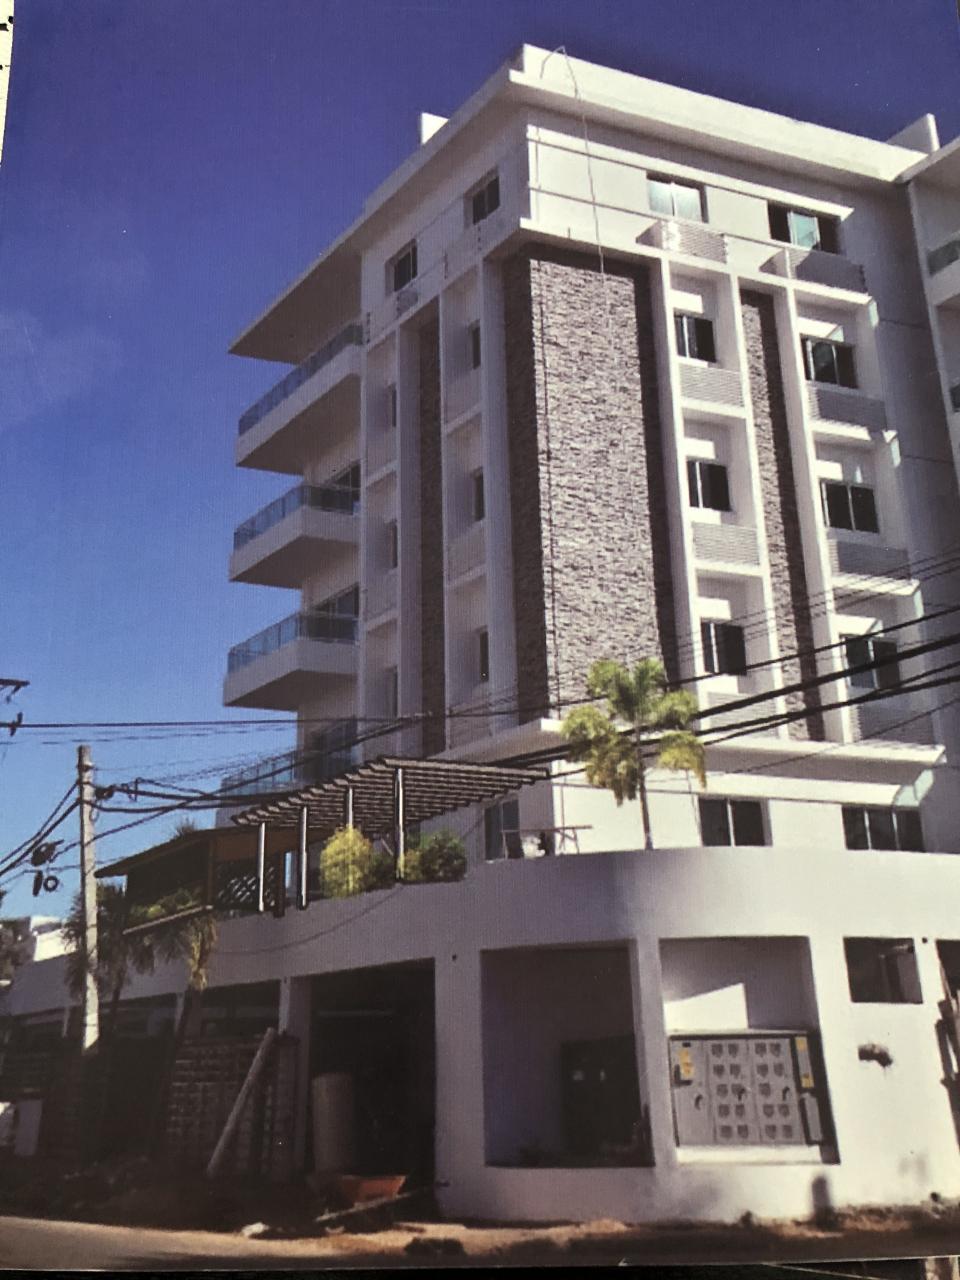 Apartamento en venta en el sector EL MILLÓN precio US$ 215,000.00 US$215,000